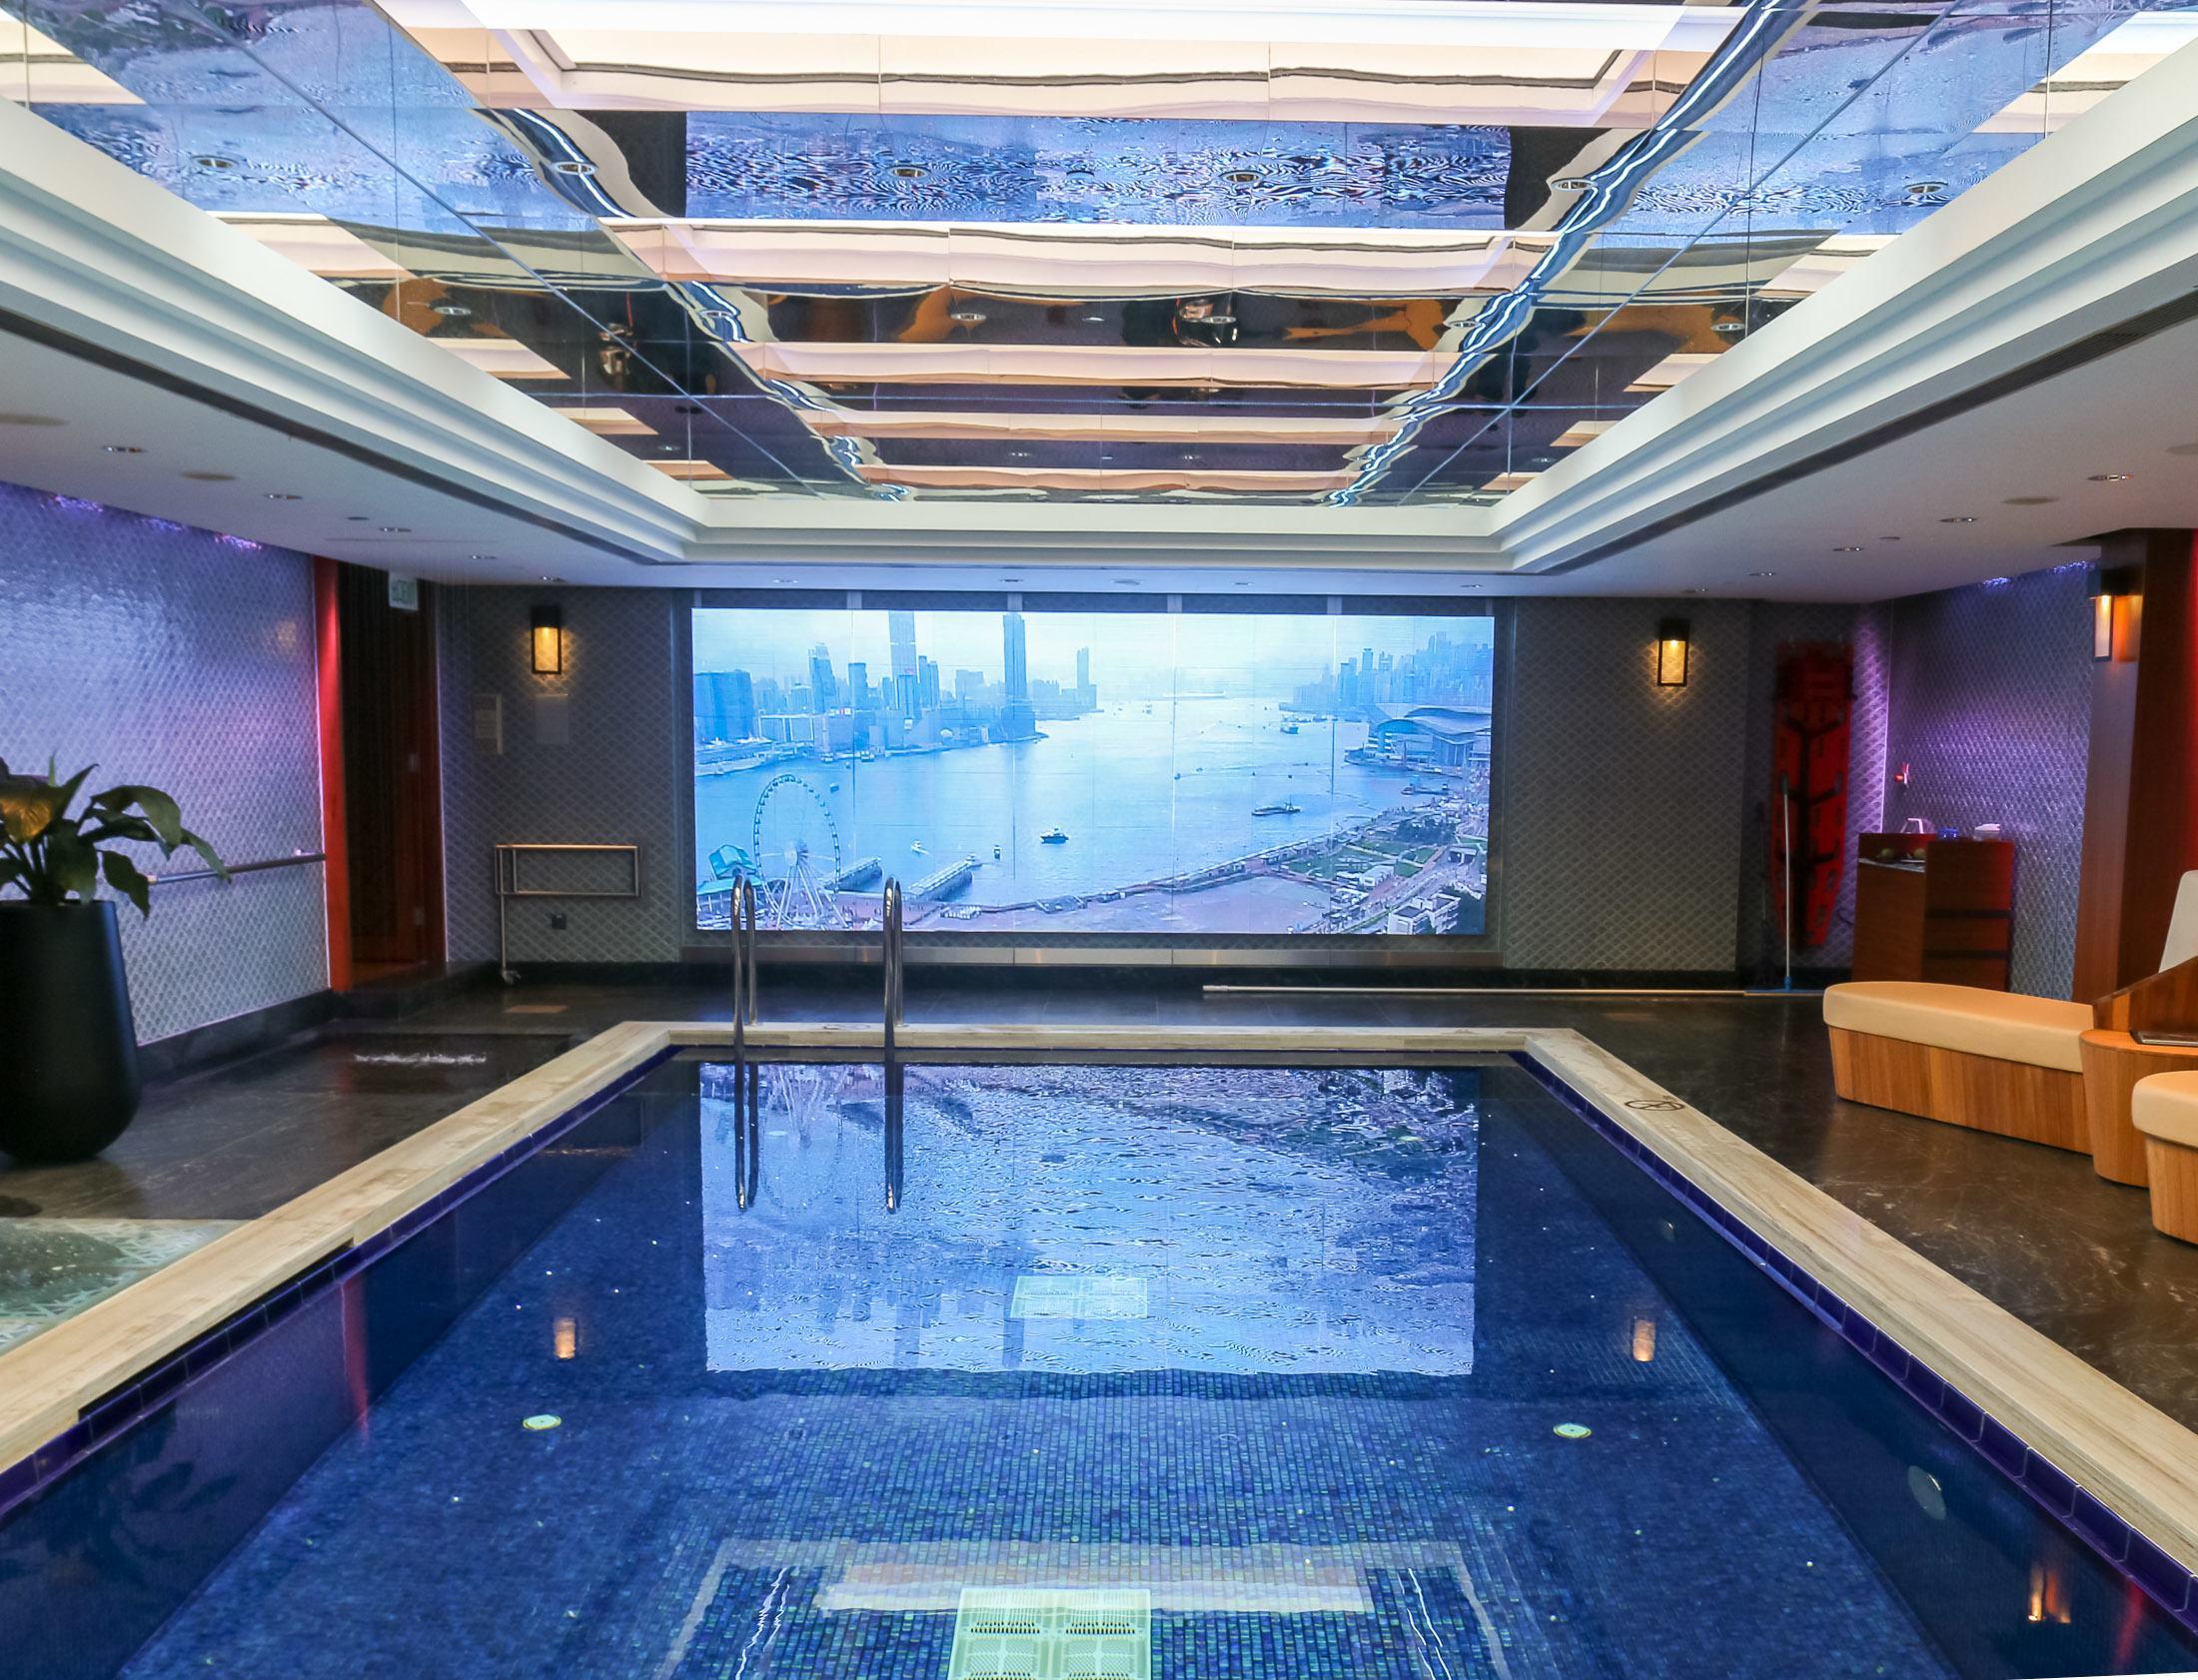 The Mandarin Oriental Hong Kong pool is indoor.